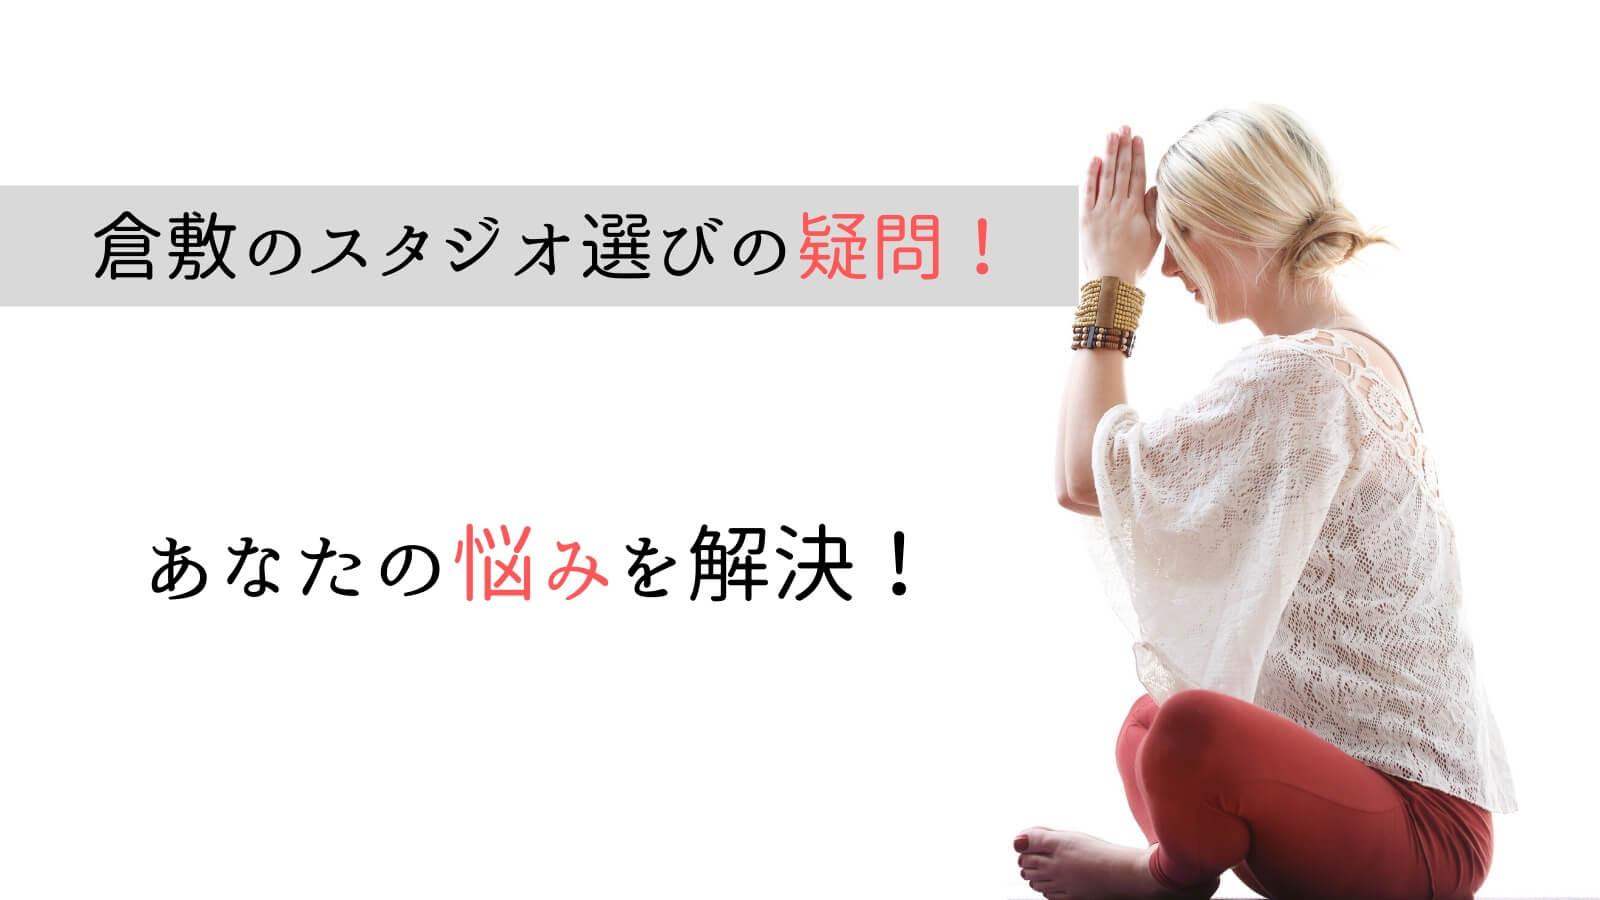 倉敷でのヨガ・ホットヨガスタジオ選びに関するQ&A